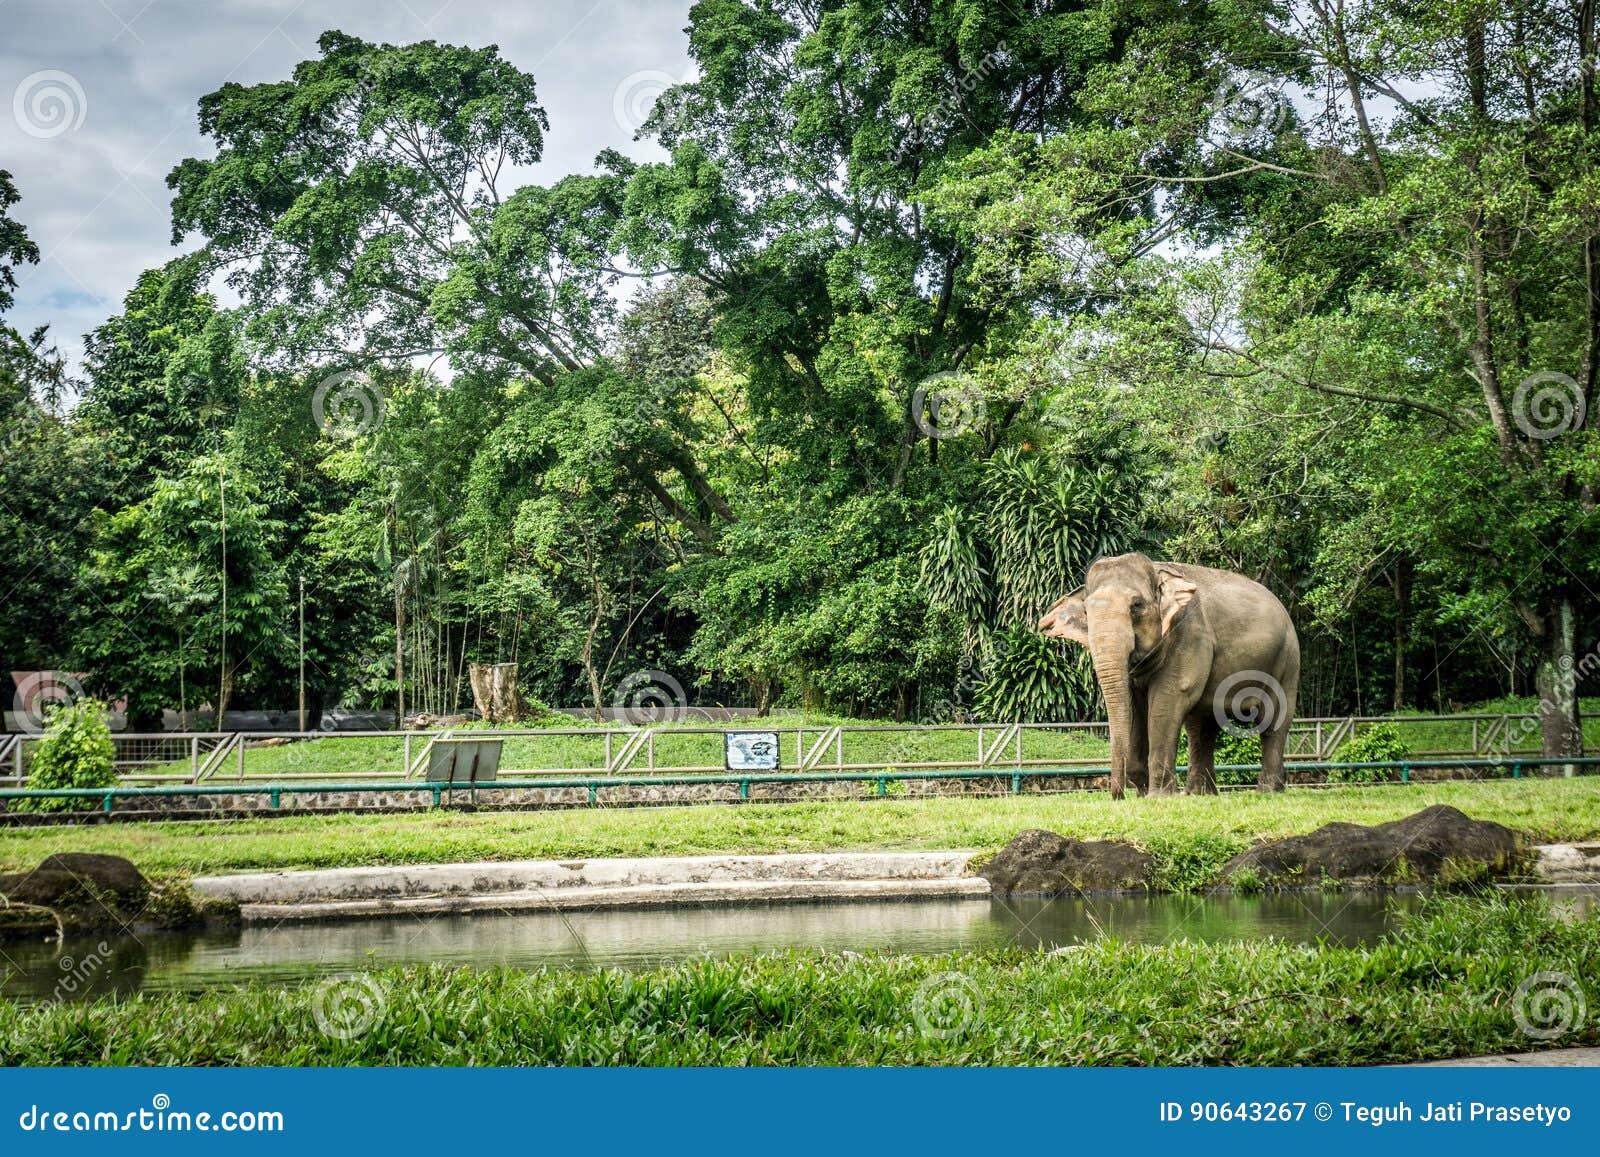 Een grote olifant in de kooi met pool het omringen door omheining en bomenfoto die in Ragunan-dierentuin Djakarta Indonesië wordt